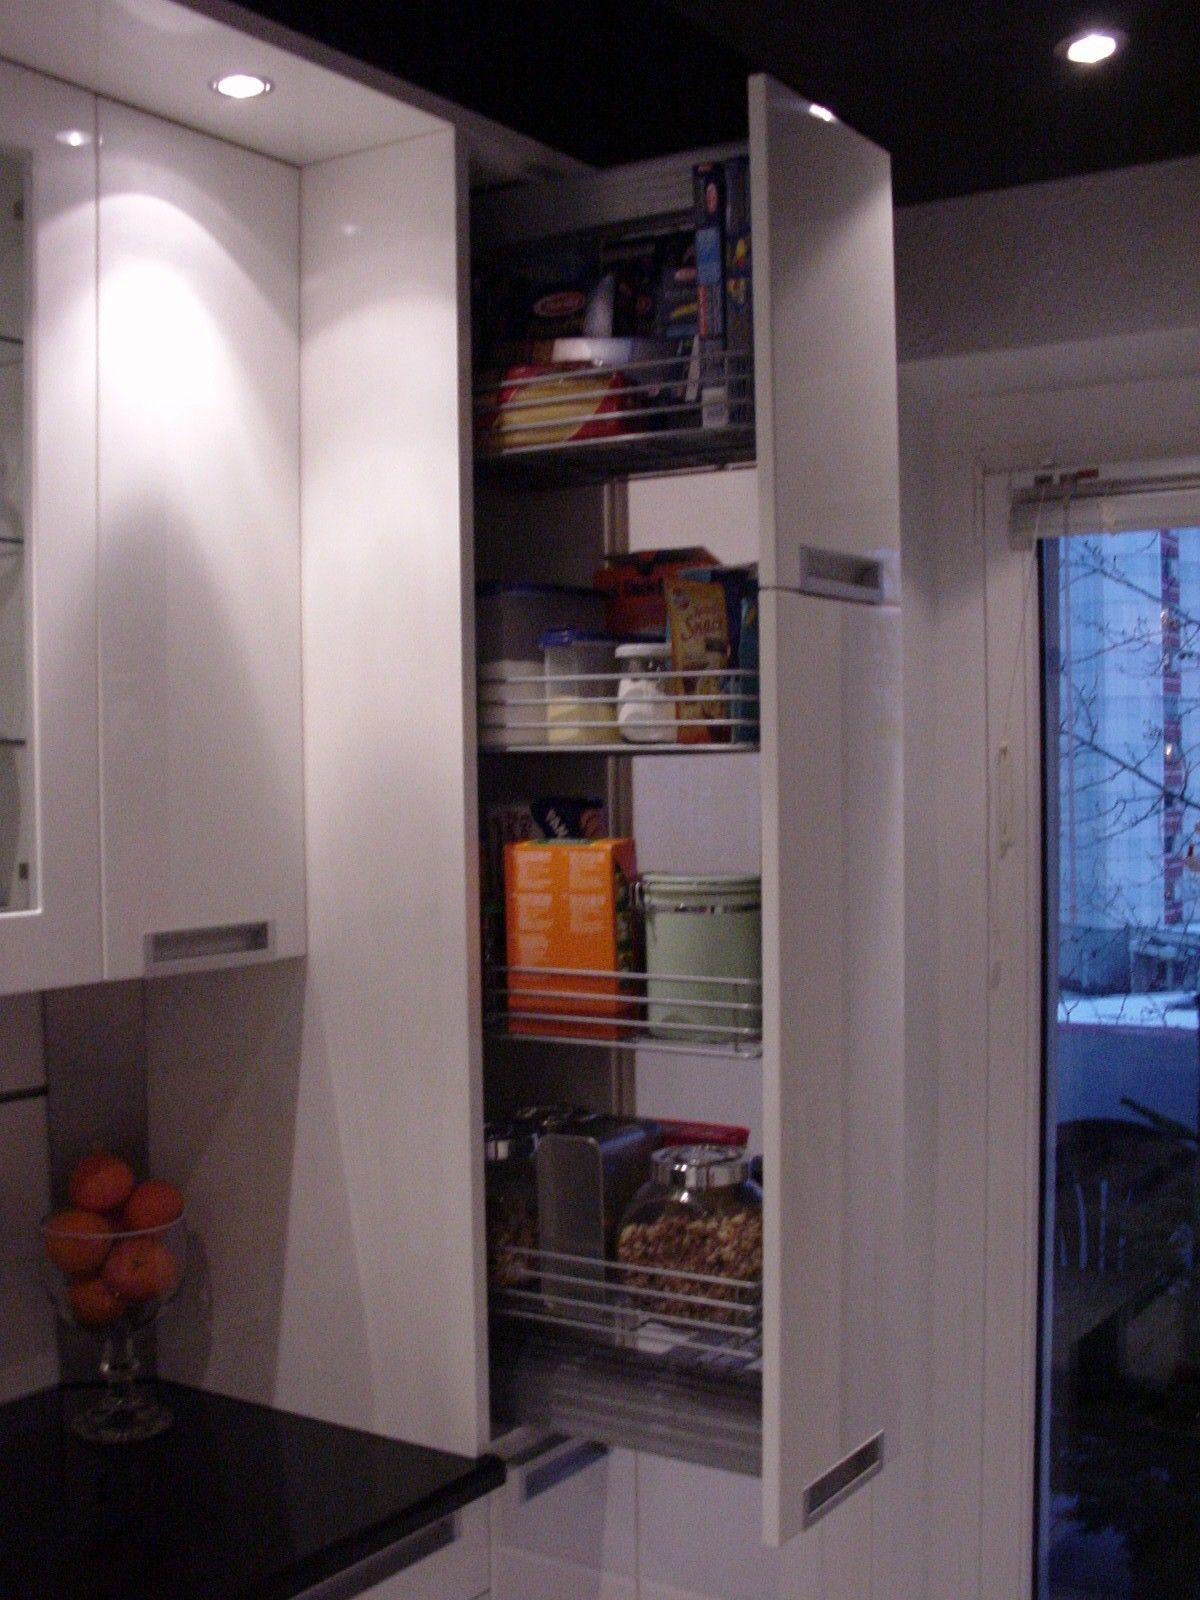 Full Size of Ikea Apothekerschrank Kleiderschrank Tren Einzeln Kaufen Kche Küche Kosten Betten Bei Miniküche Sofa Mit Schlaffunktion Modulküche 160x200 Wohnzimmer Ikea Apothekerschrank